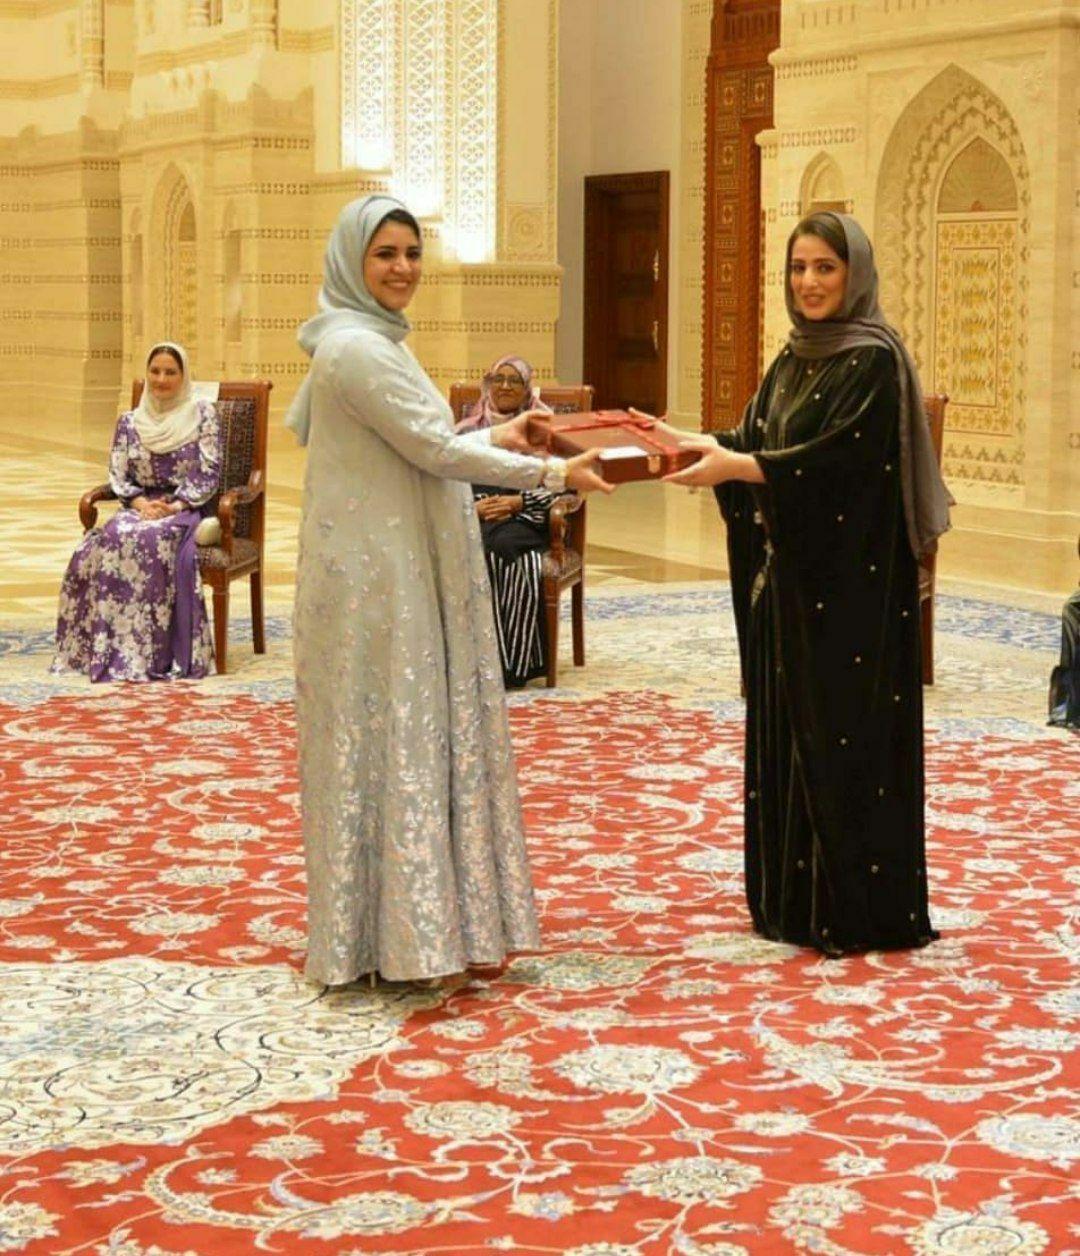 عکس| پخش تصویر همسر سلطان عمان برای اولین بار